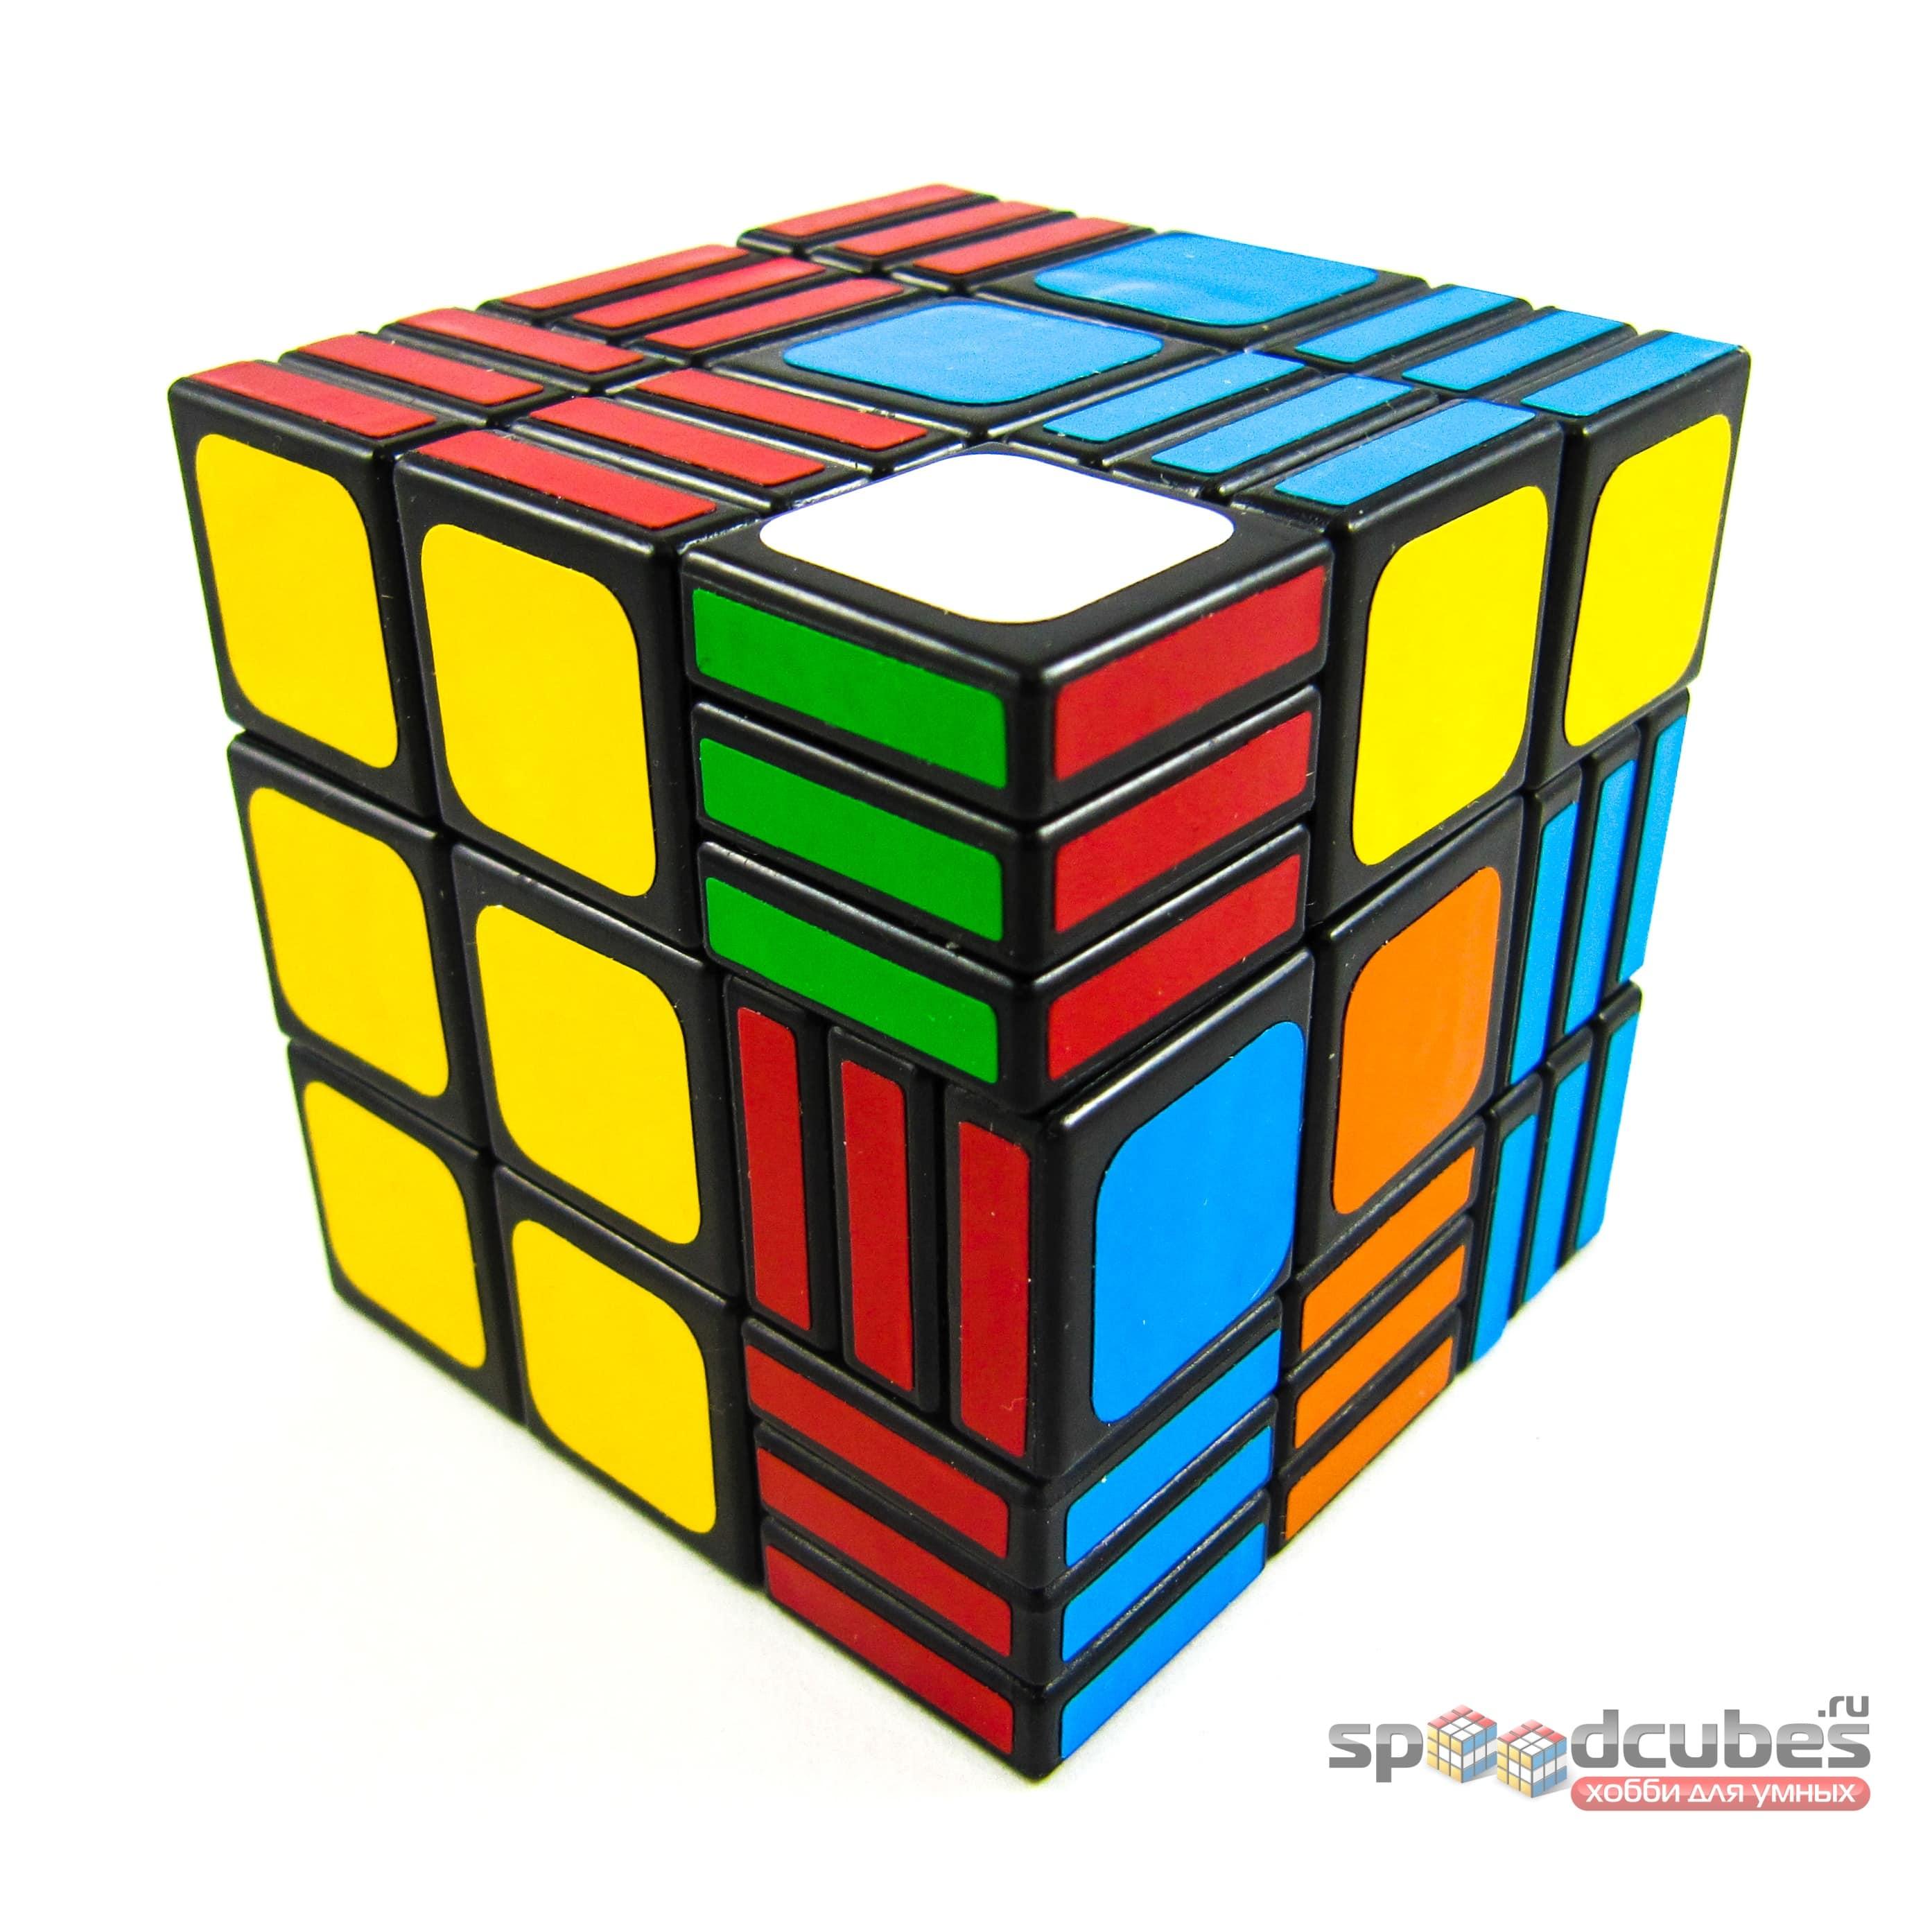 Witeden 3x3x7 Cubic 3